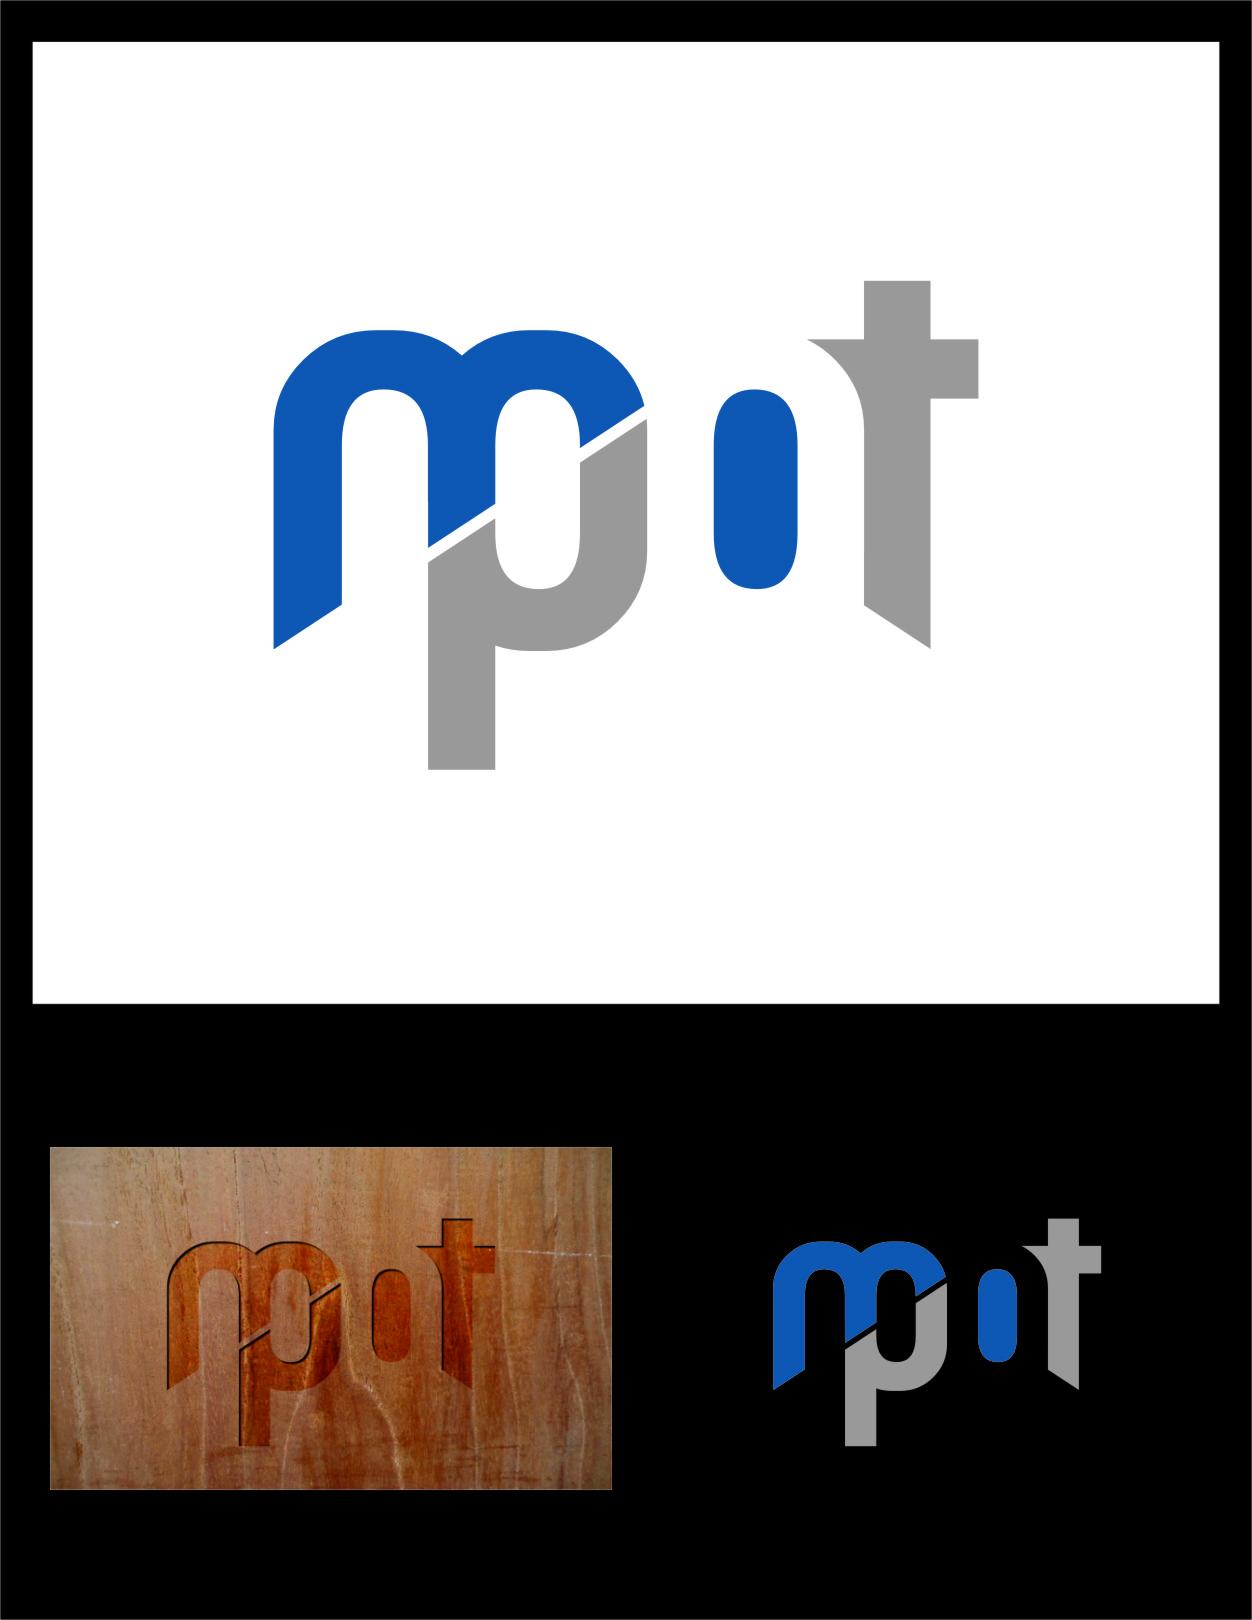 Logo Design by RasYa Muhammad Athaya - Entry No. 174 in the Logo Design Contest Mpot inc  Logo Design.